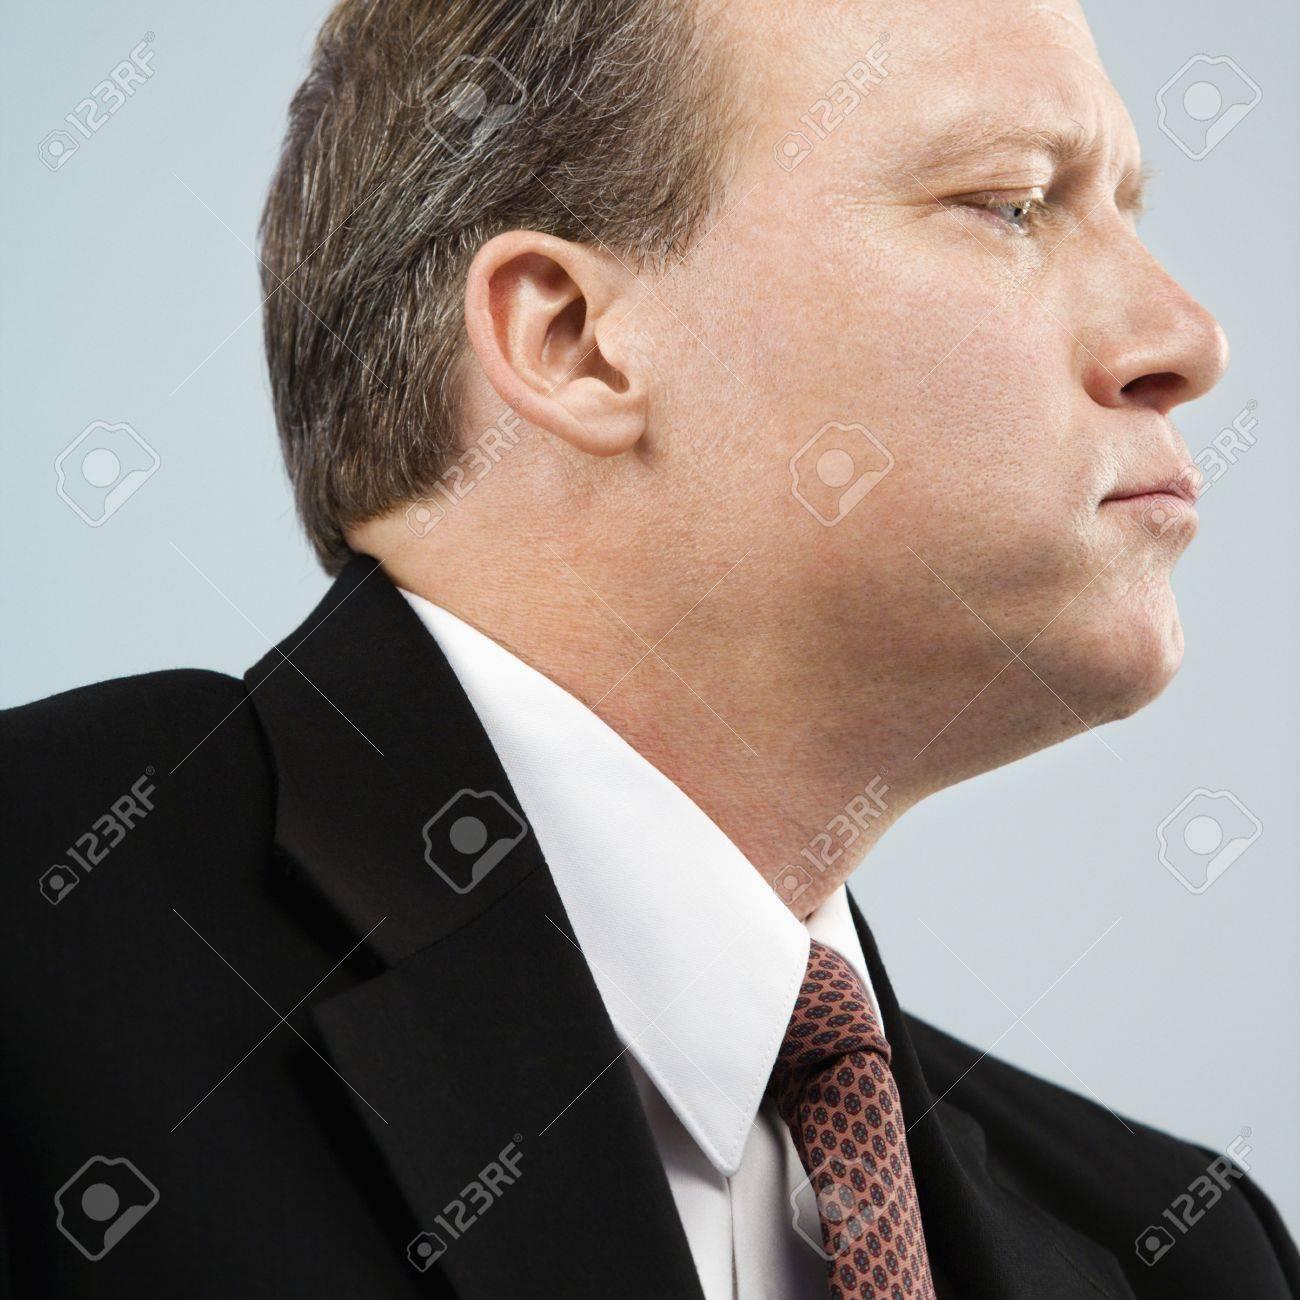 Caucasian middle aged businessman profile portrait. Stock Photo - 6924783